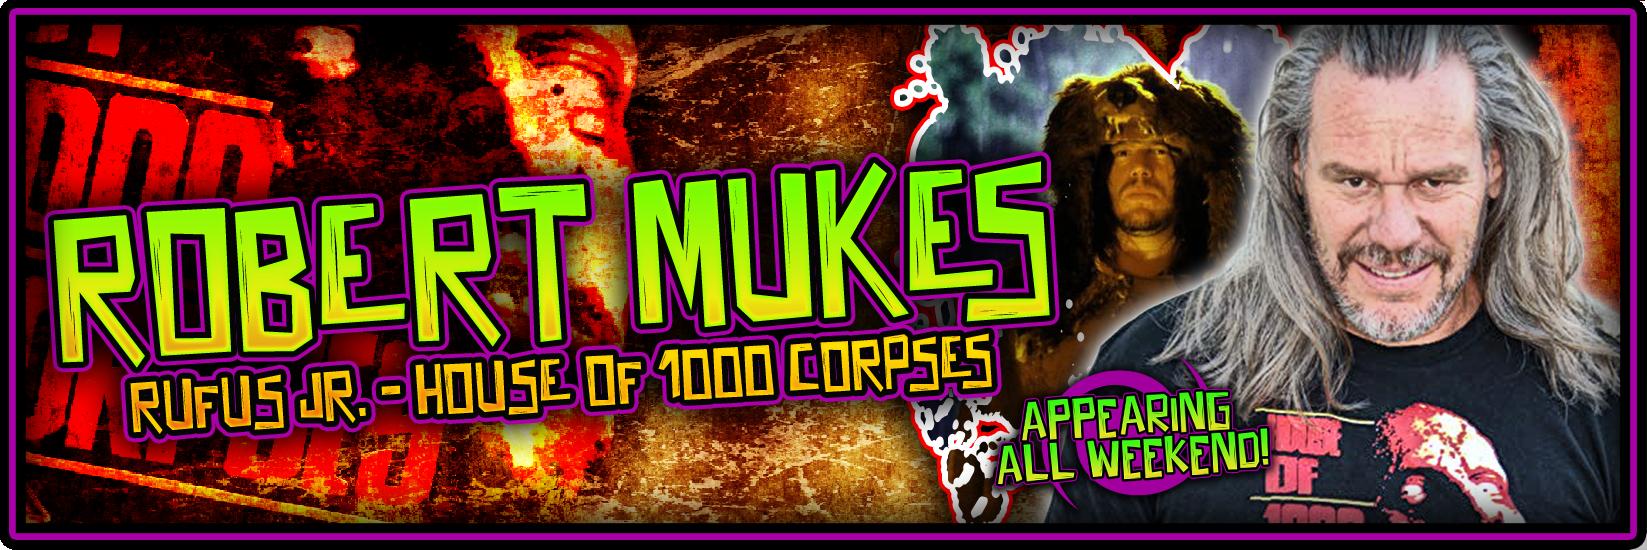 Robert-Mukes-Website-Banner.png